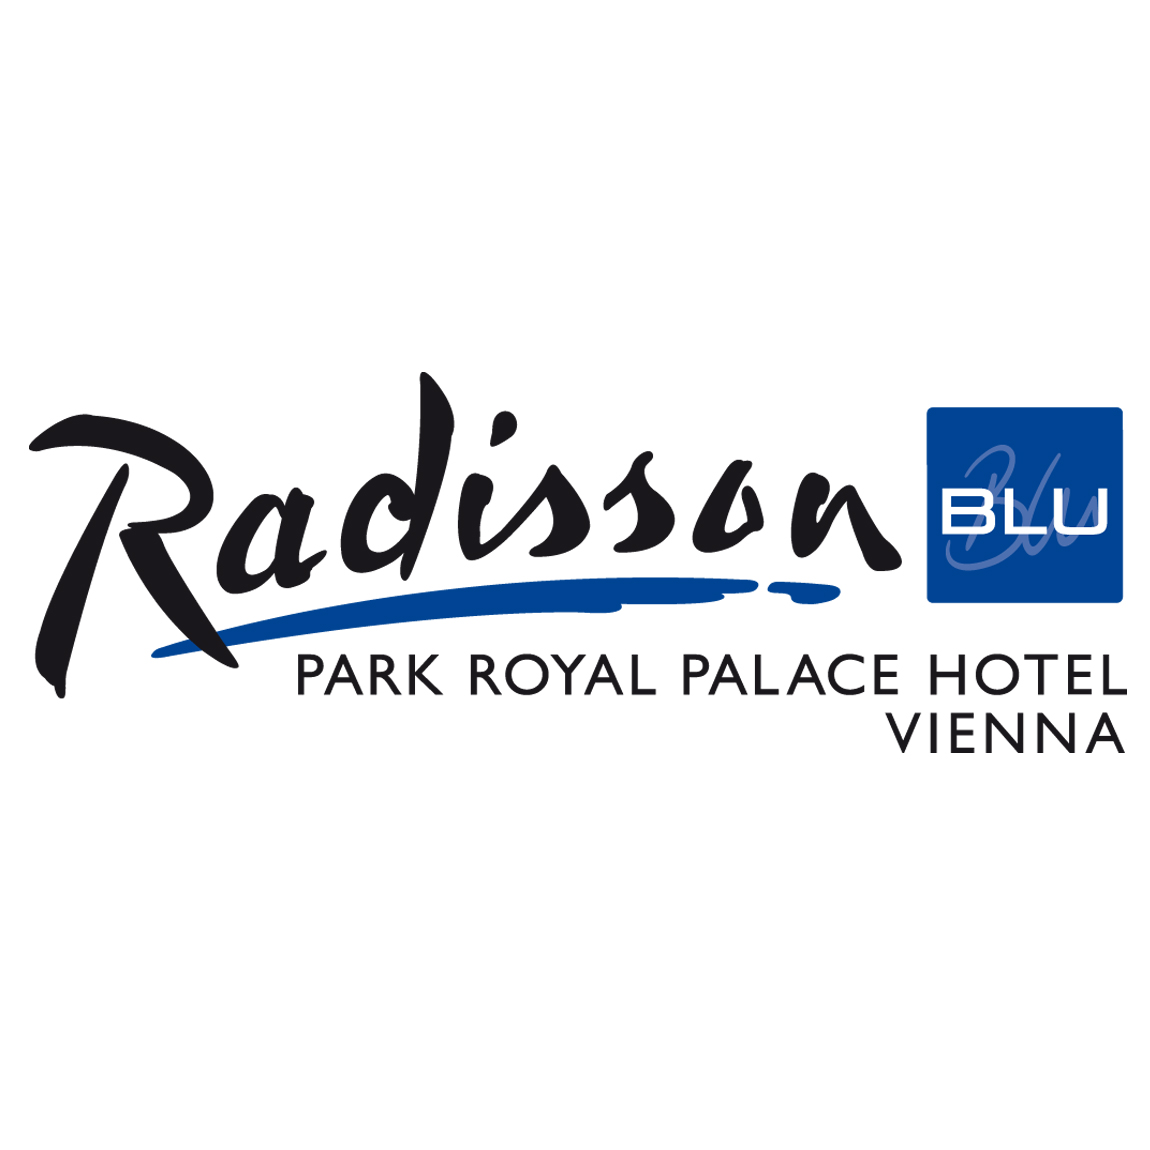 Radisson Blu Park Royal Palace Hotel Logo